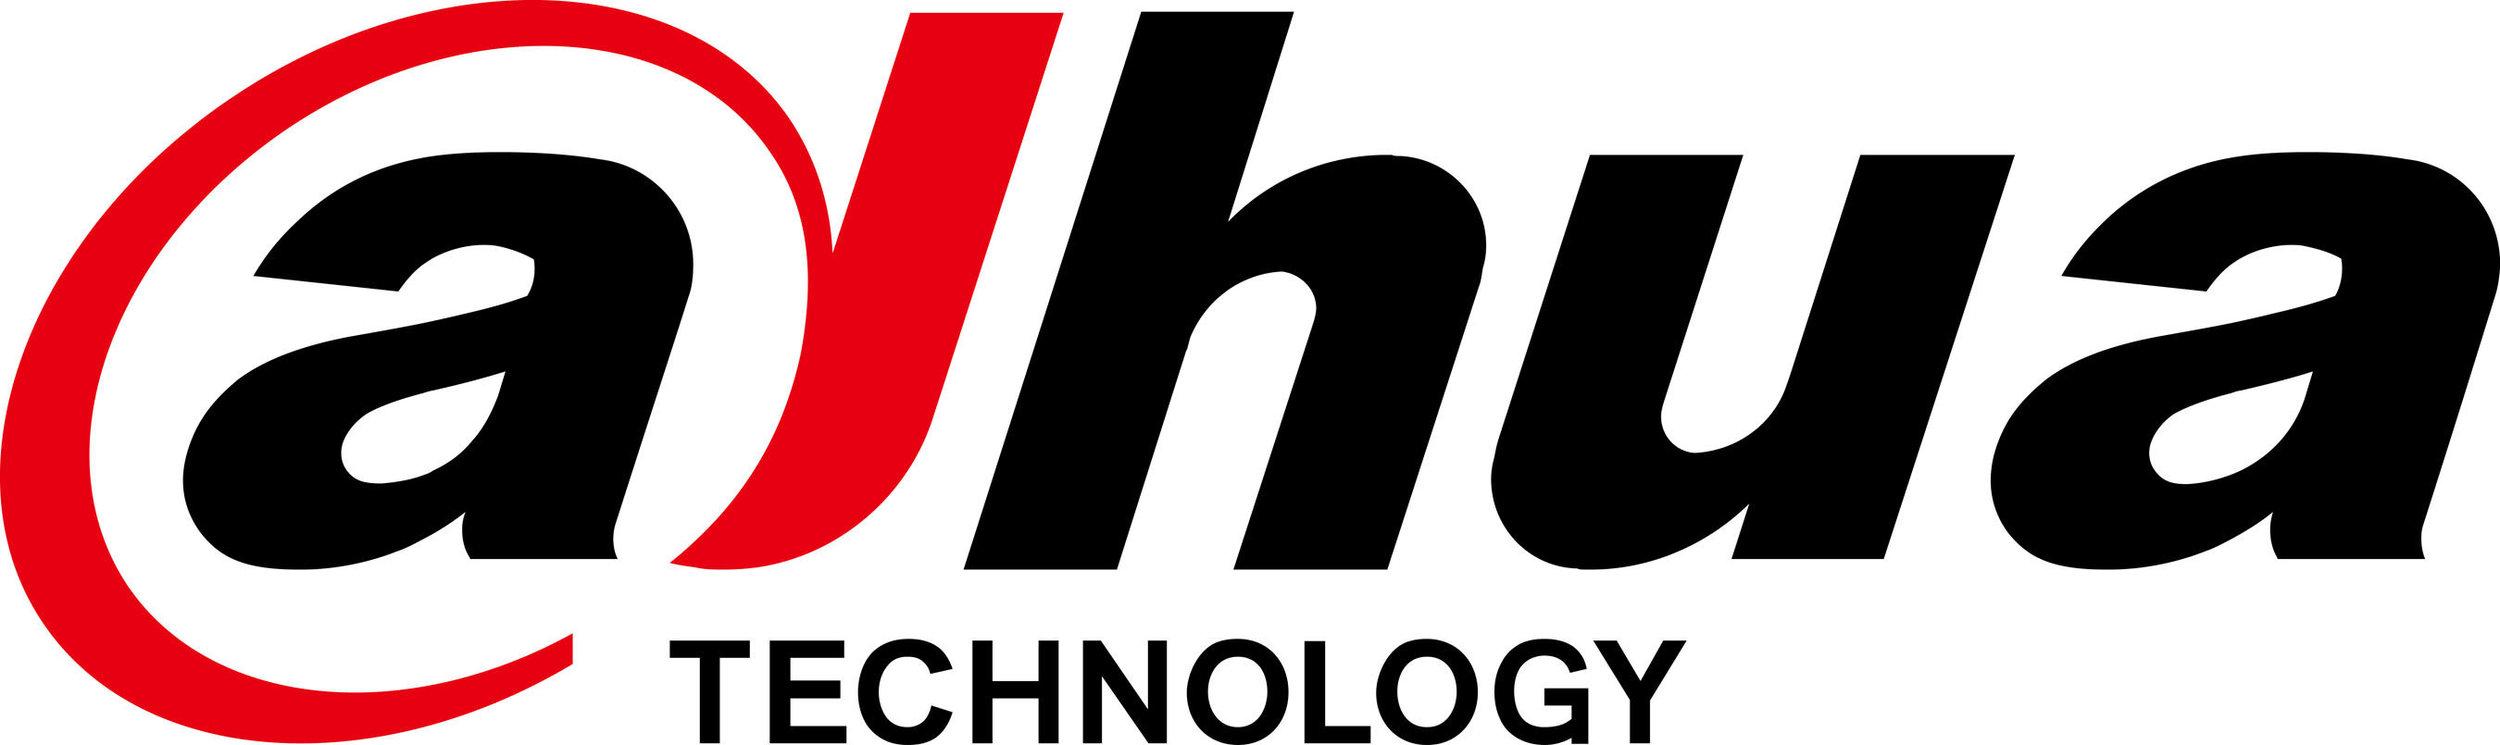 Cameras_Dahua_Technology_Logo